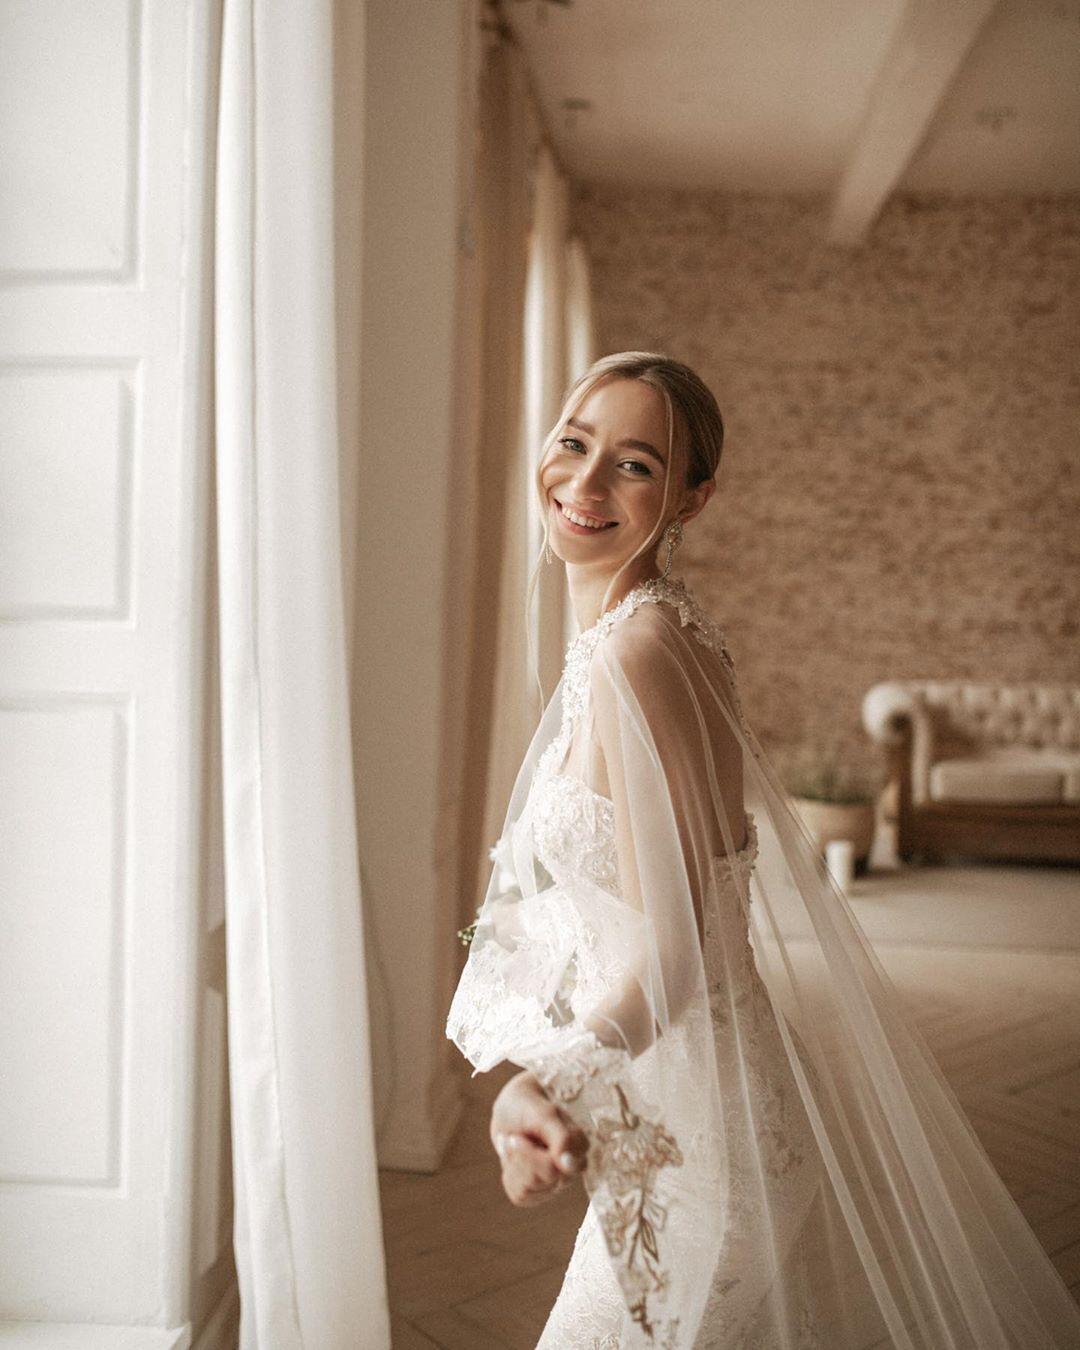 Жена Виктора Павлика Екатерина Репяхова (Instagram Екатерины Репяховой)